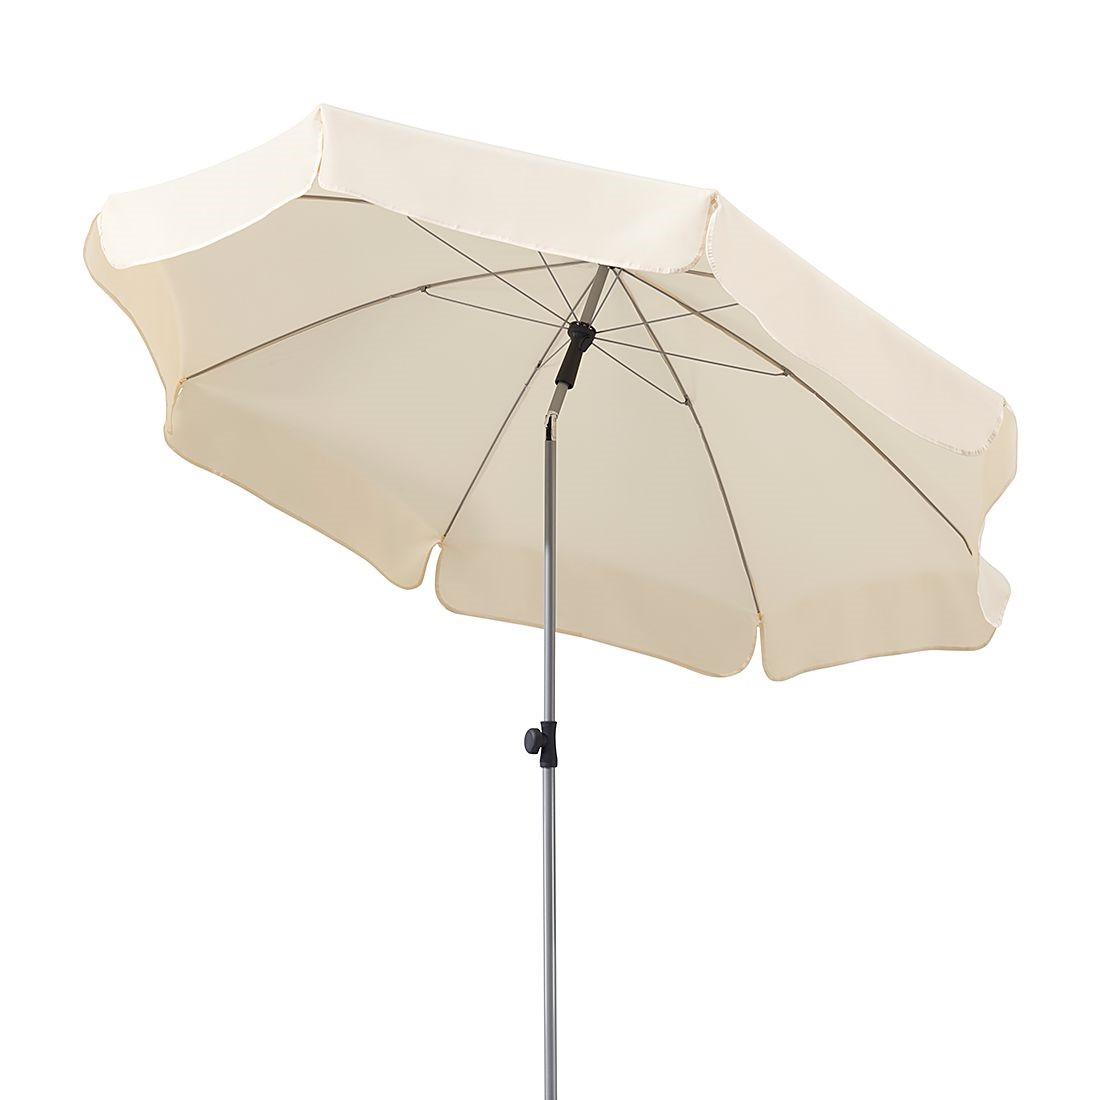 Sonnenschirm Micco II - Stahl/Polyester - Silber/Natur, Schneider Schirme